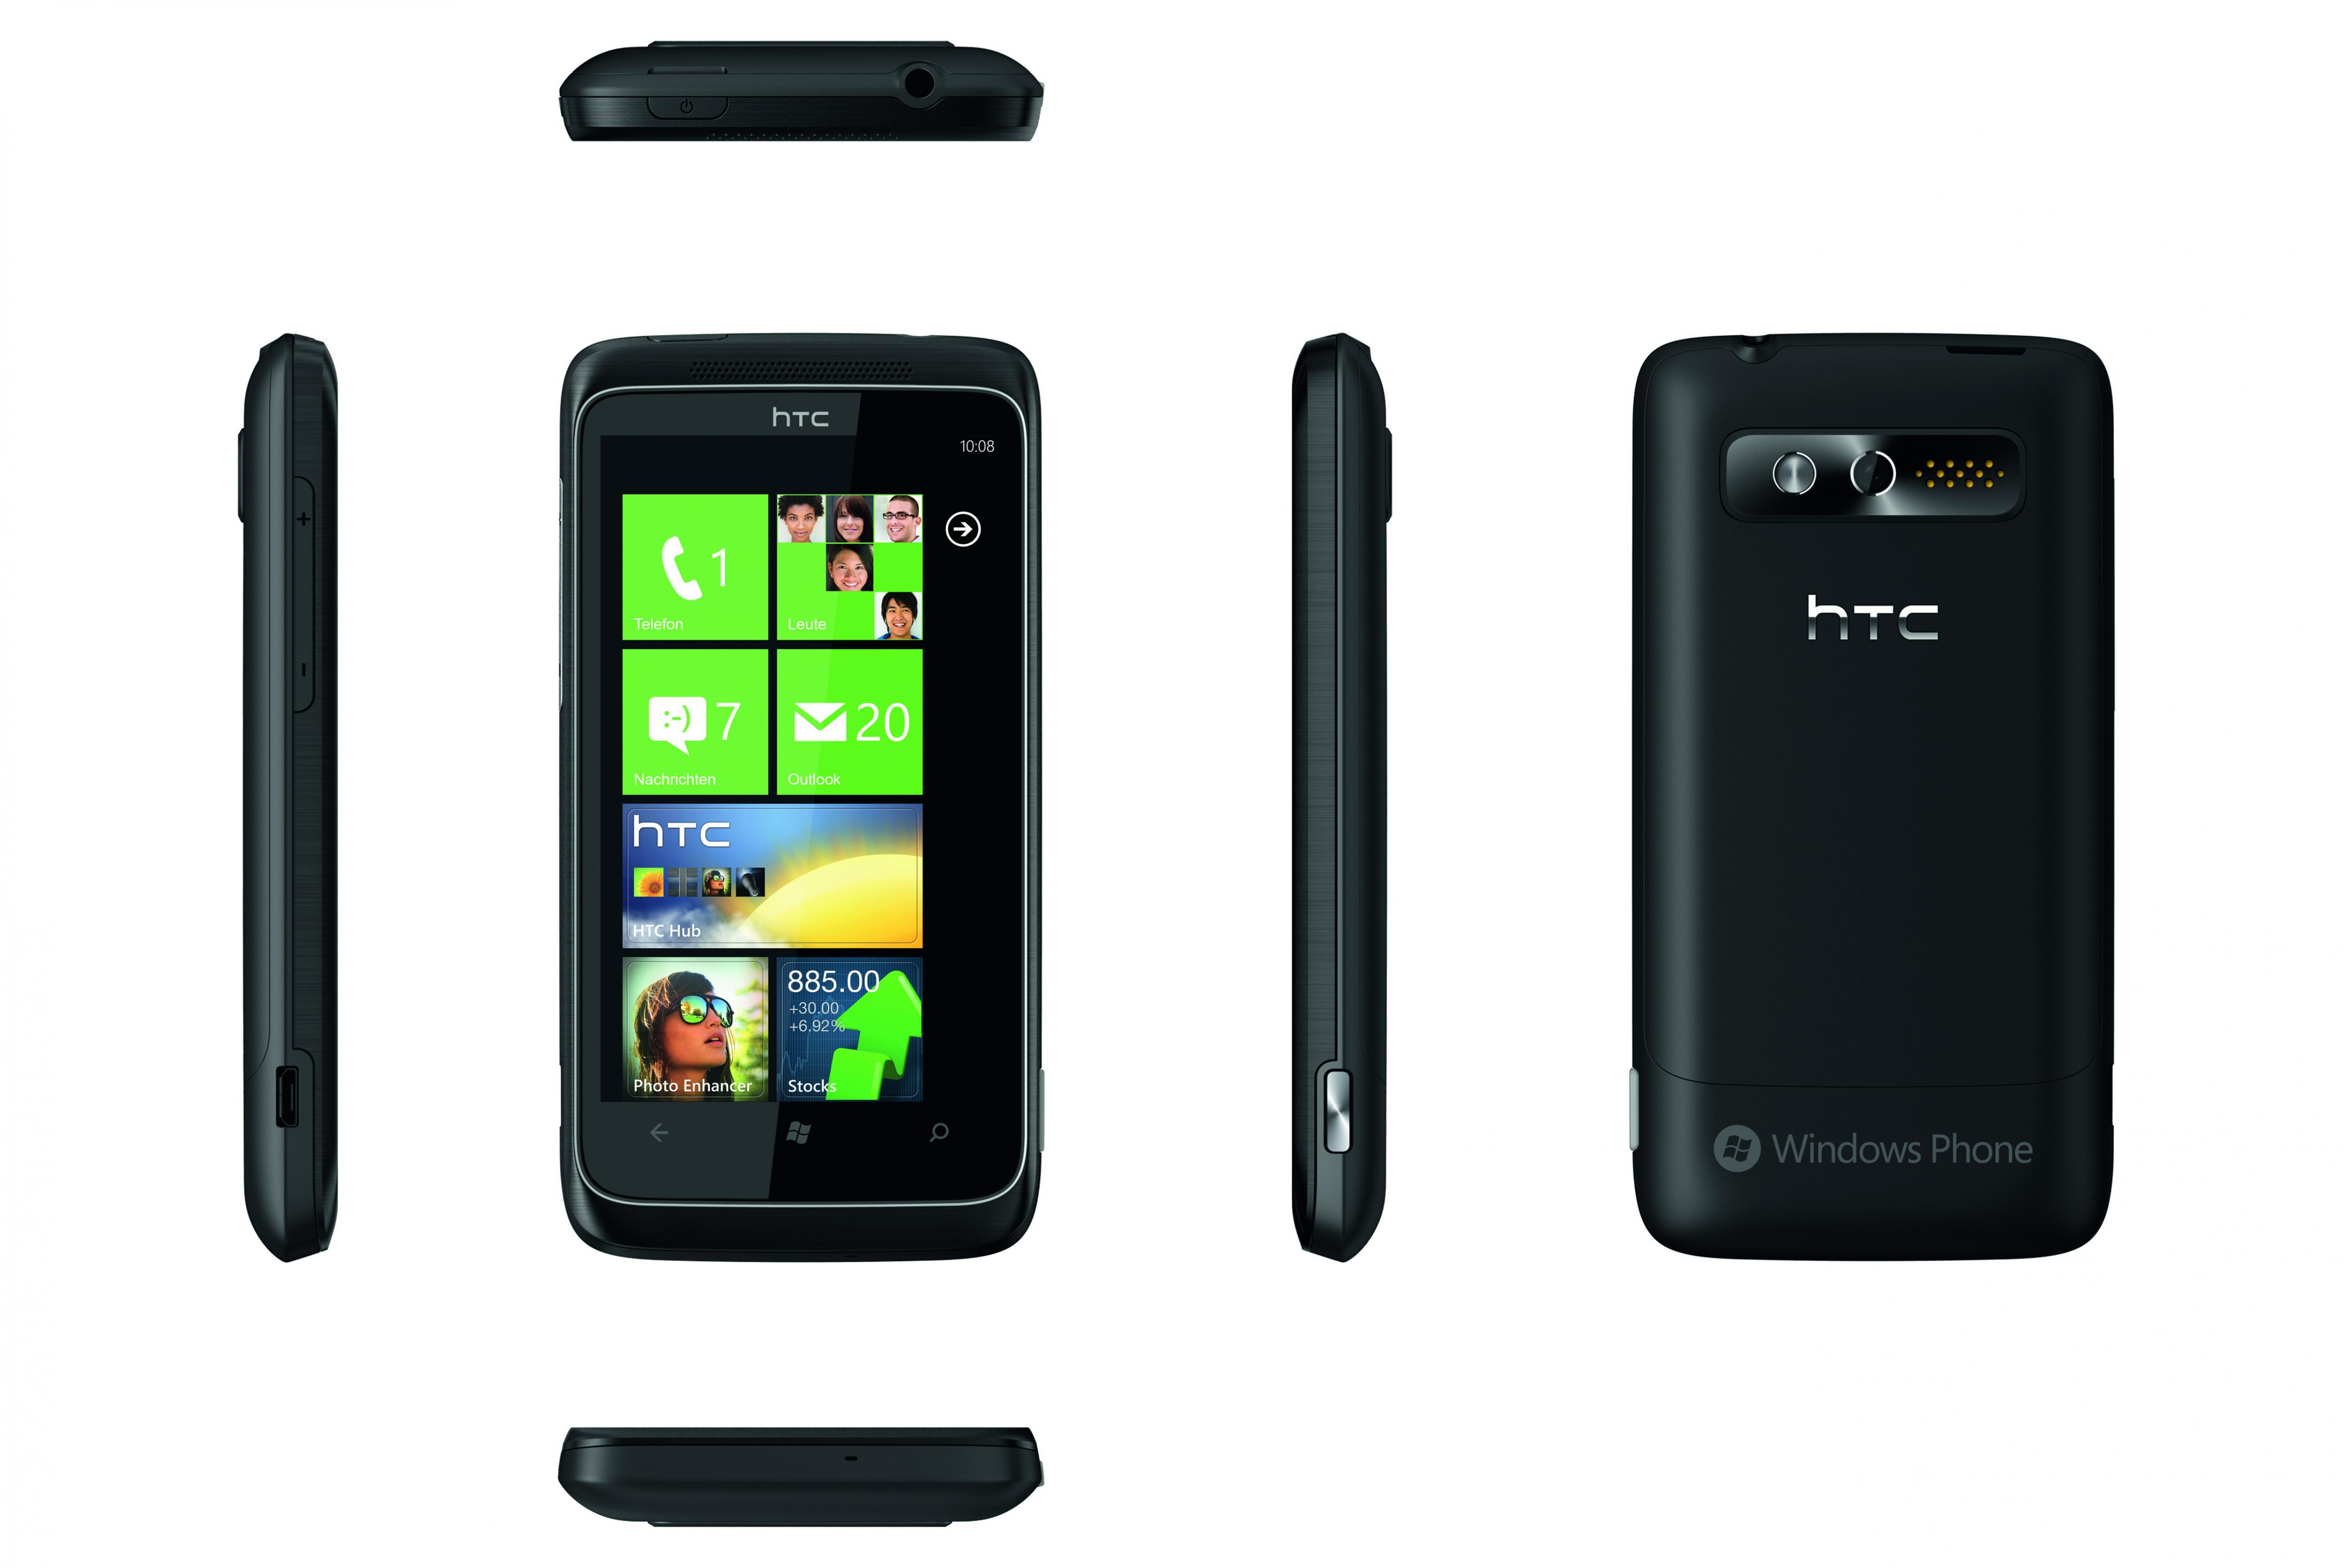 Scarica WhatsApp gratuitamente per HTC 7 Mozart, HTC 7 Pro, HTC 7 Surround, HTC 7 Trophy 4